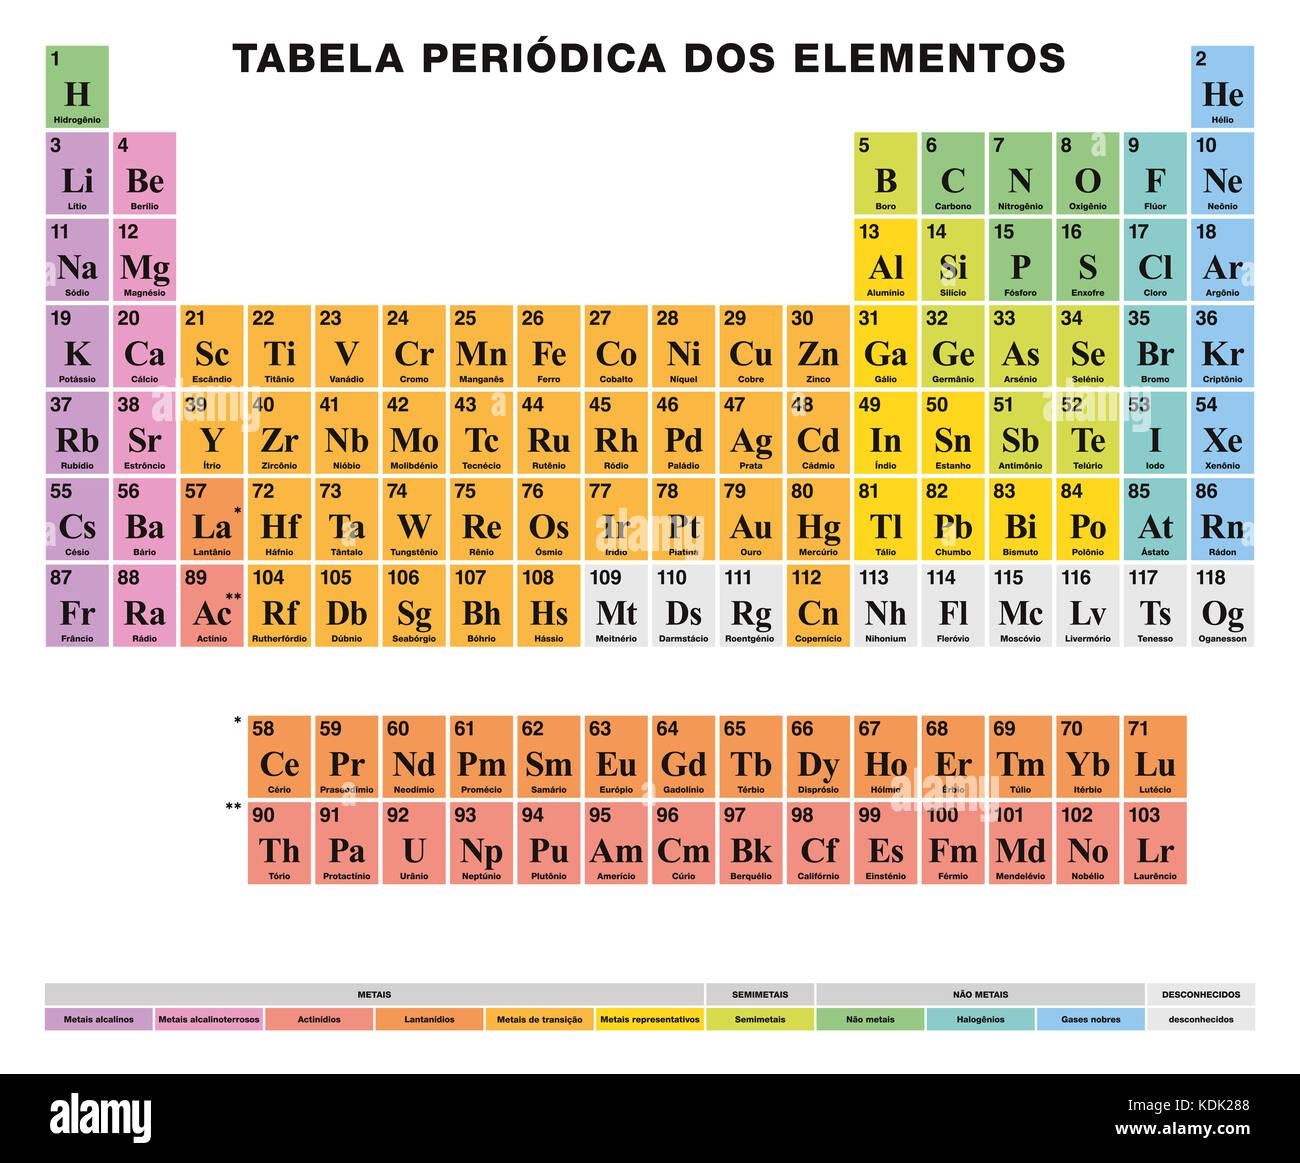 Iupac immagini iupac fotos stock alamy tavola periodica degli elementi etichetta portoghese disposizione tabellare 118 elementi chimici numero urtaz Images